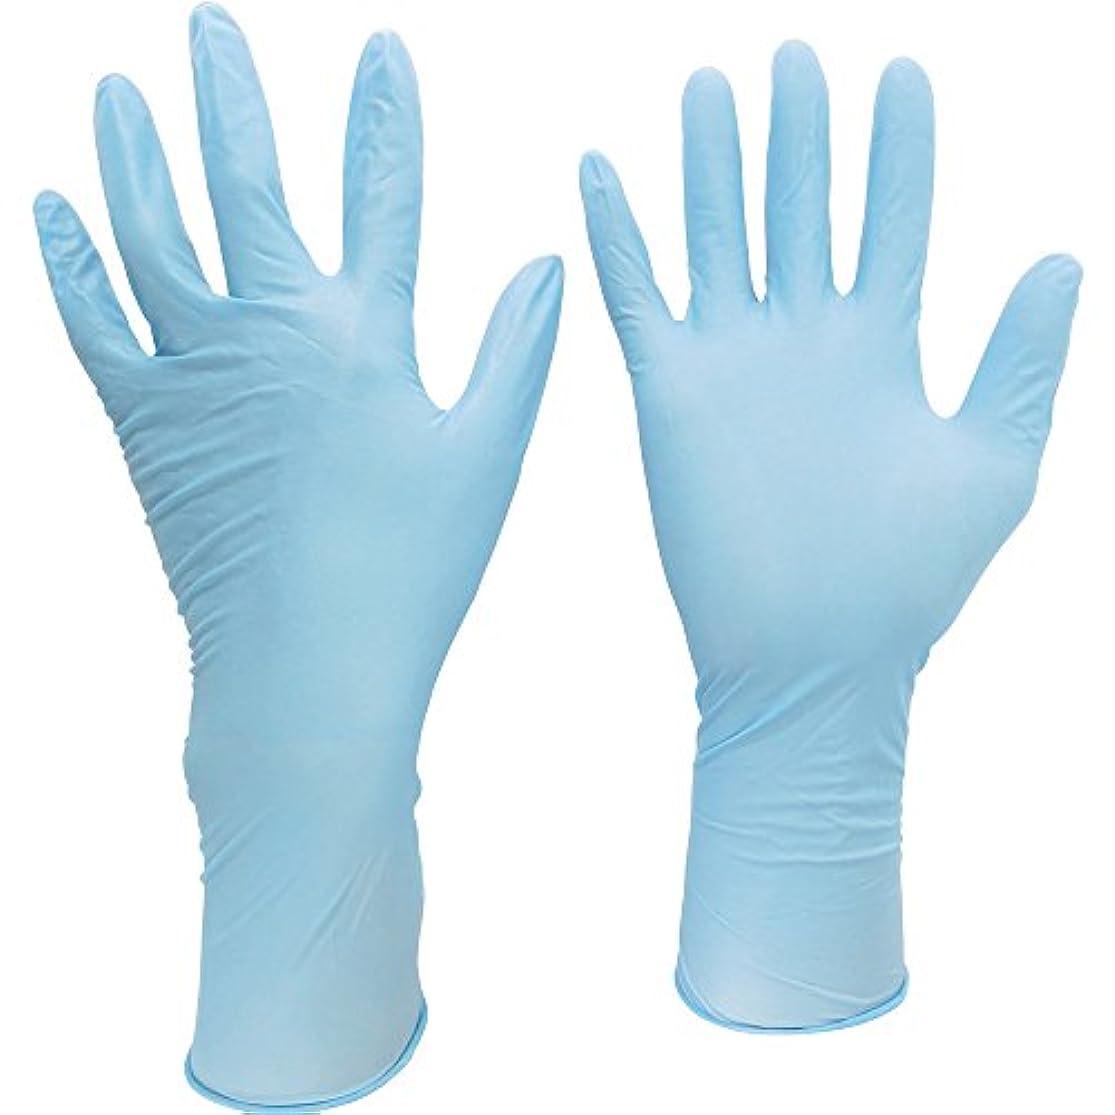 電気パブおじさんミドリ安全 ニトリル使い捨て手袋 ロング 厚手 粉なし 青 S (50枚入) VERTE-755R-S ニトリルゴム使い捨て手袋